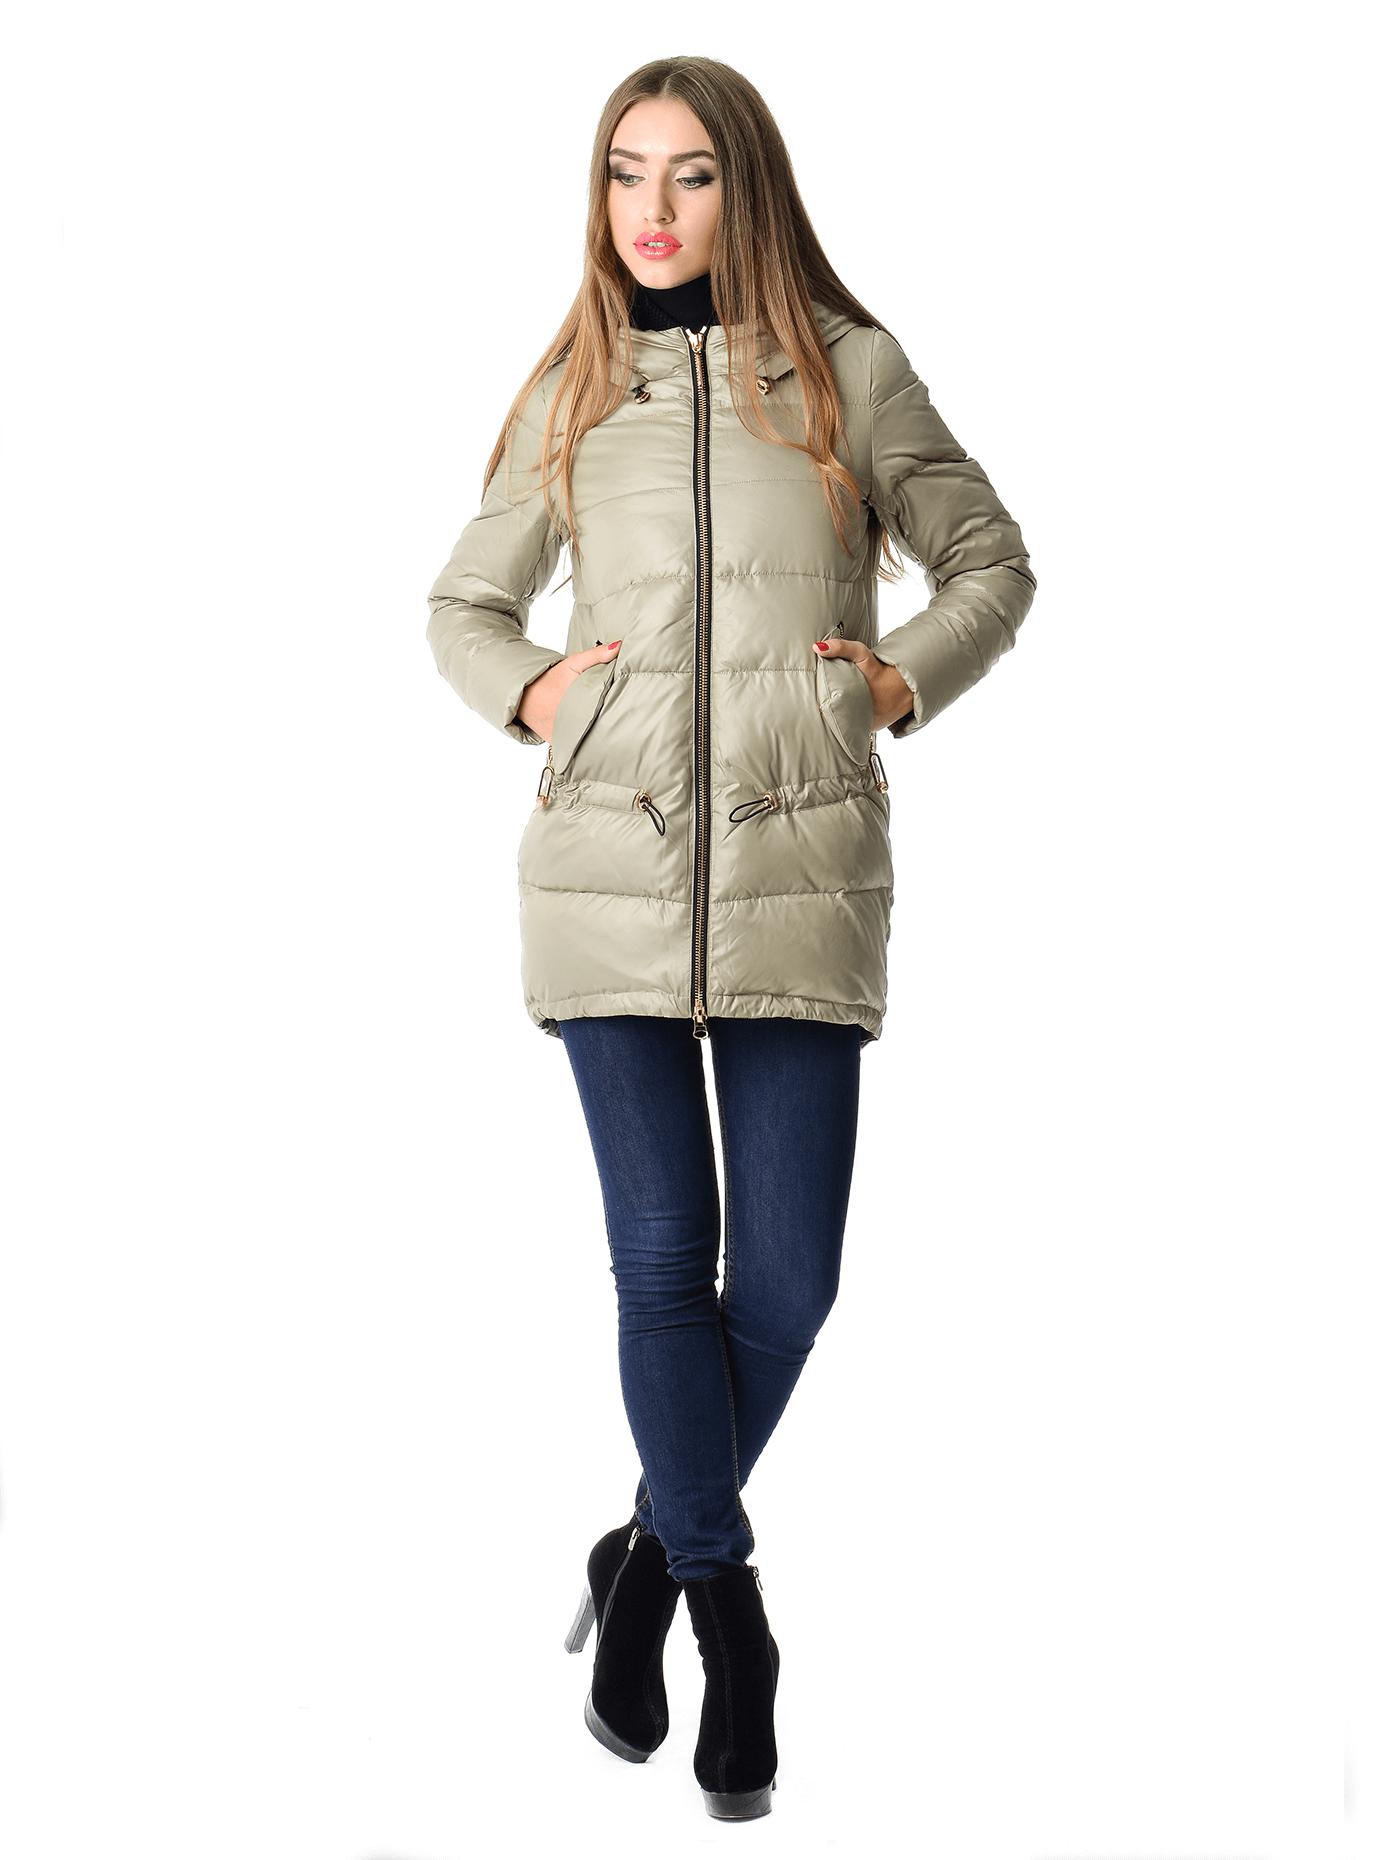 Куртка зимняя средней длины с капюшоном Бежевый S (05-V191284): фото - Alster.ua